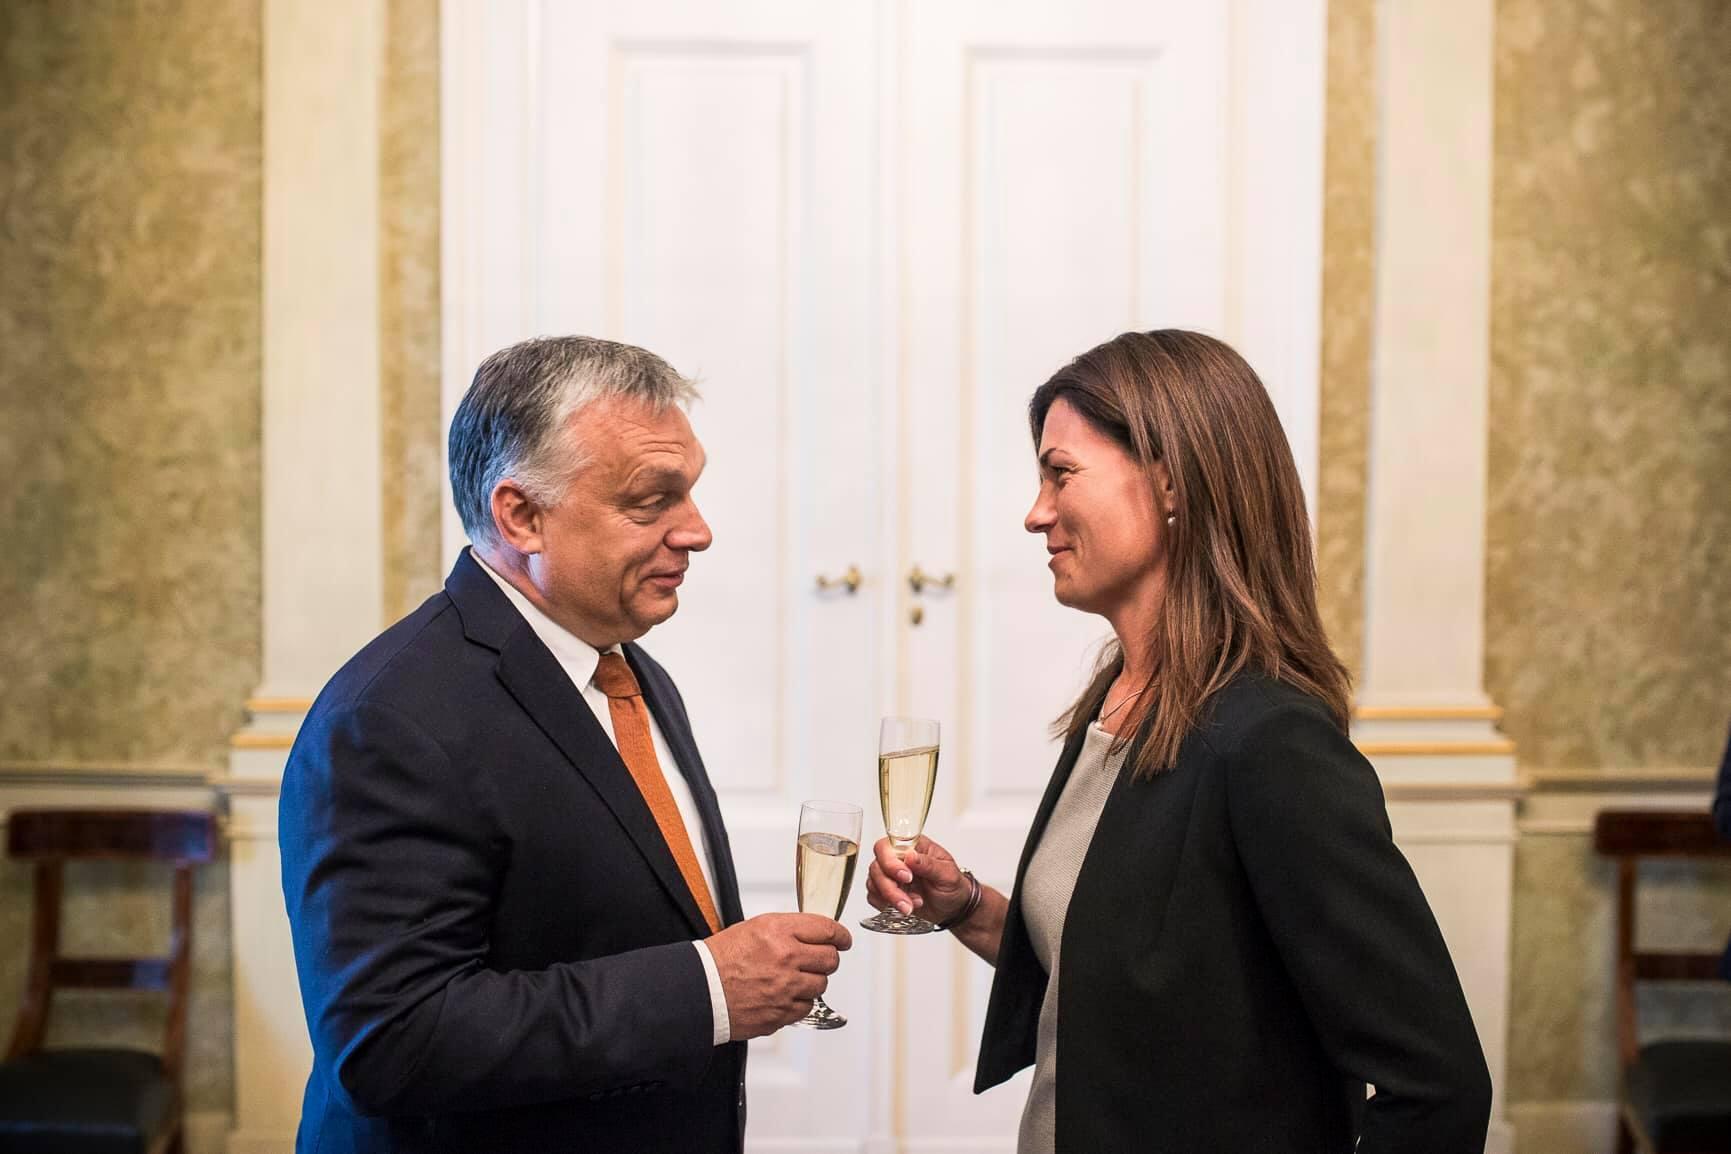 Mit mond el az Orbán-rendszer átalakulásáról Varga Judit miniszteri kinevezése?